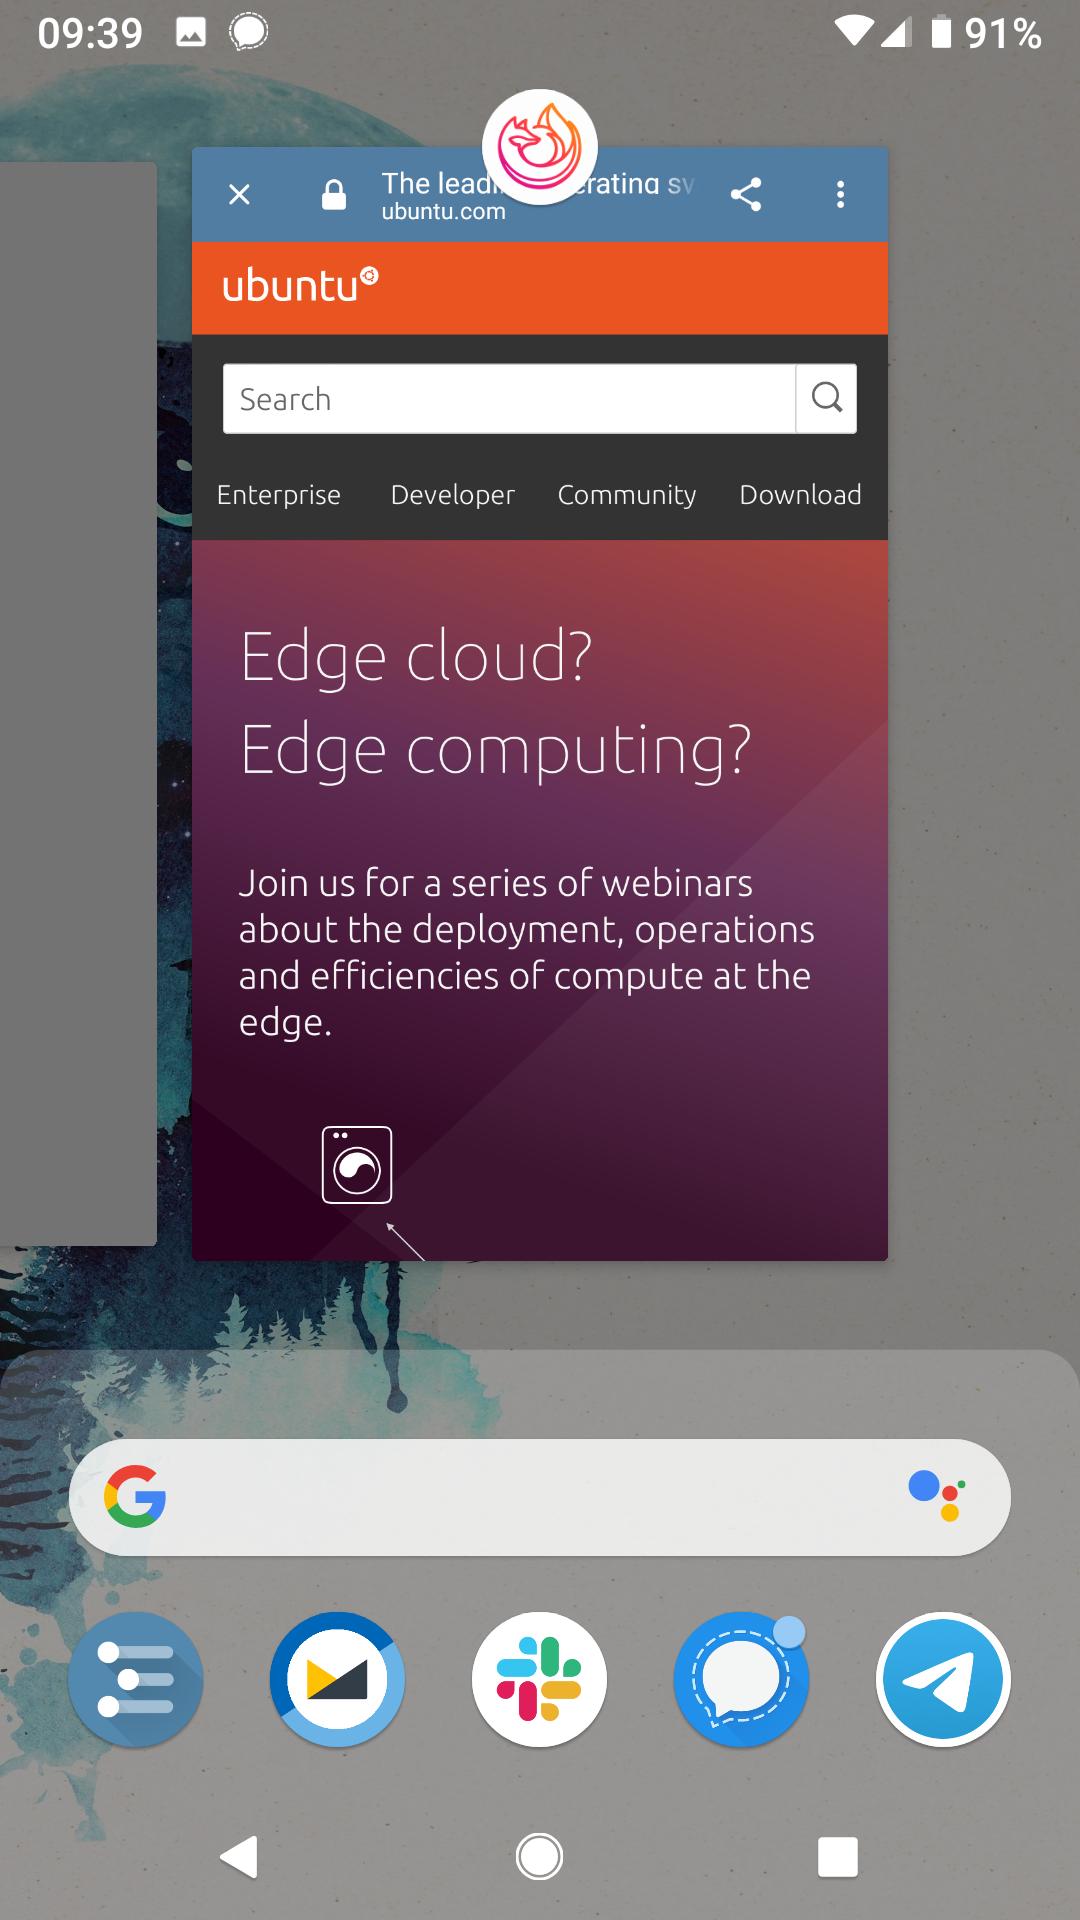 Bug] Broken Firefox custom tab task remains in recent app